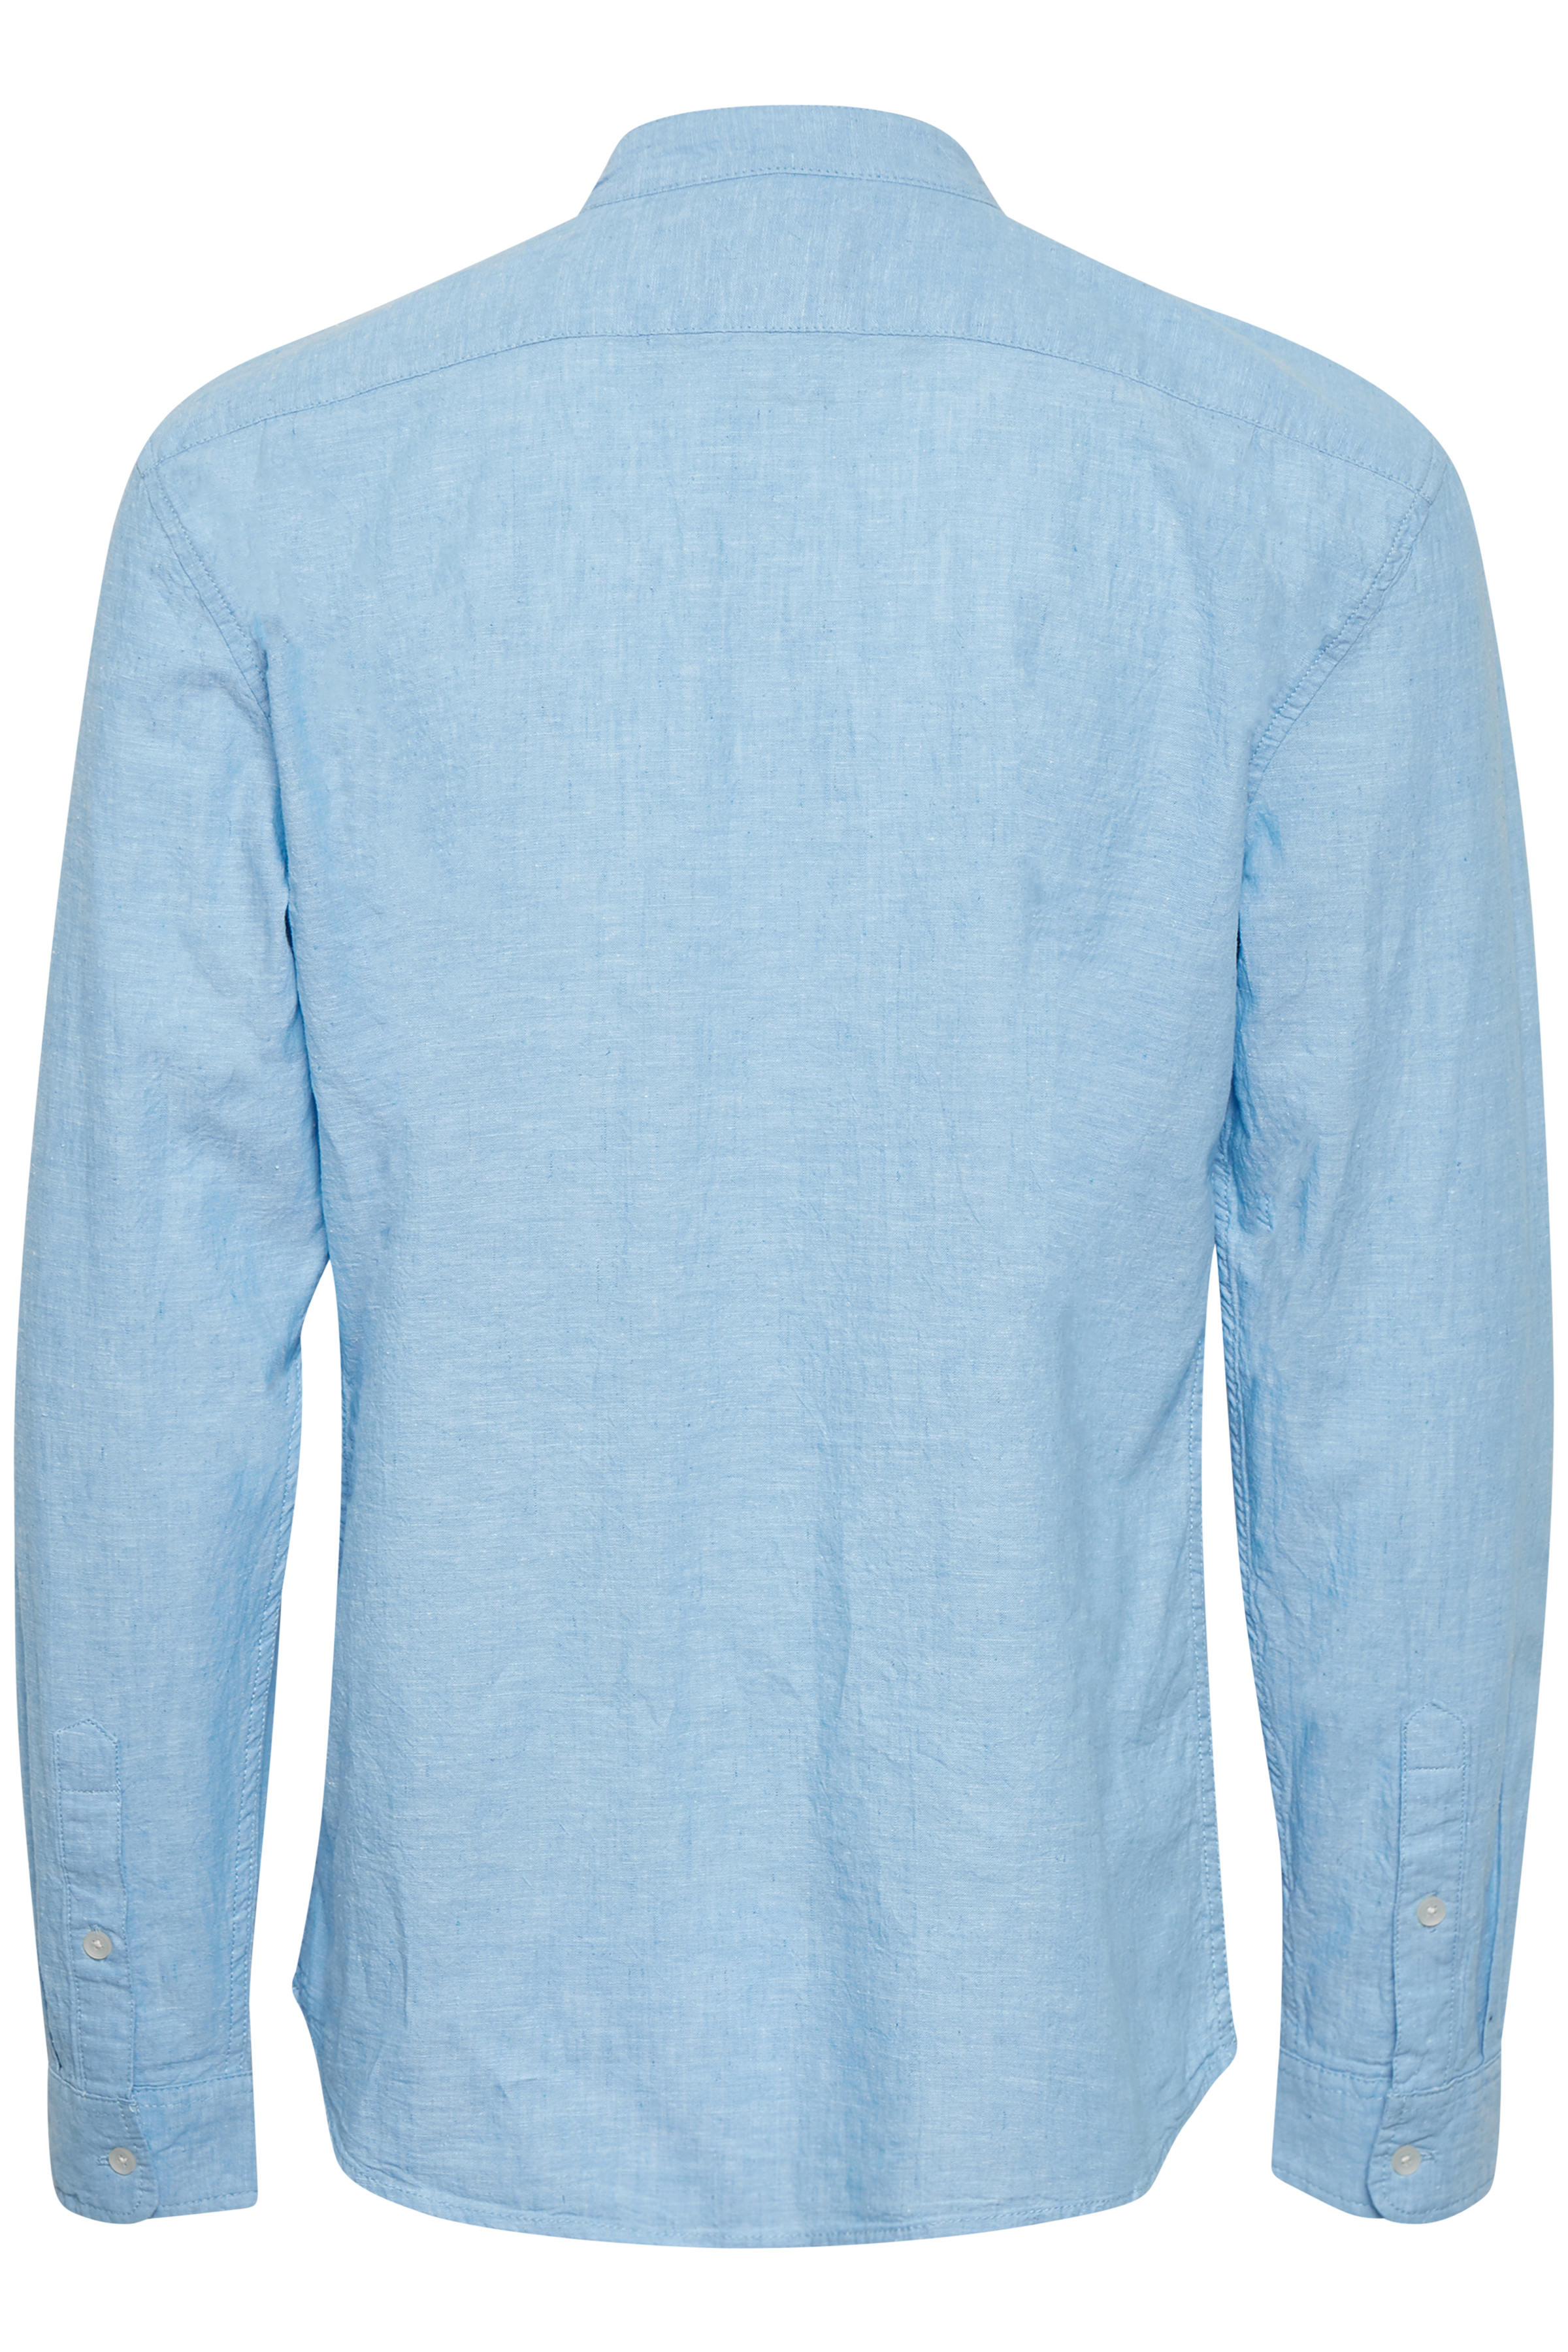 Coronet Blue Langærmet skjorte – Køb Coronet Blue Langærmet skjorte fra str. S-3XL her